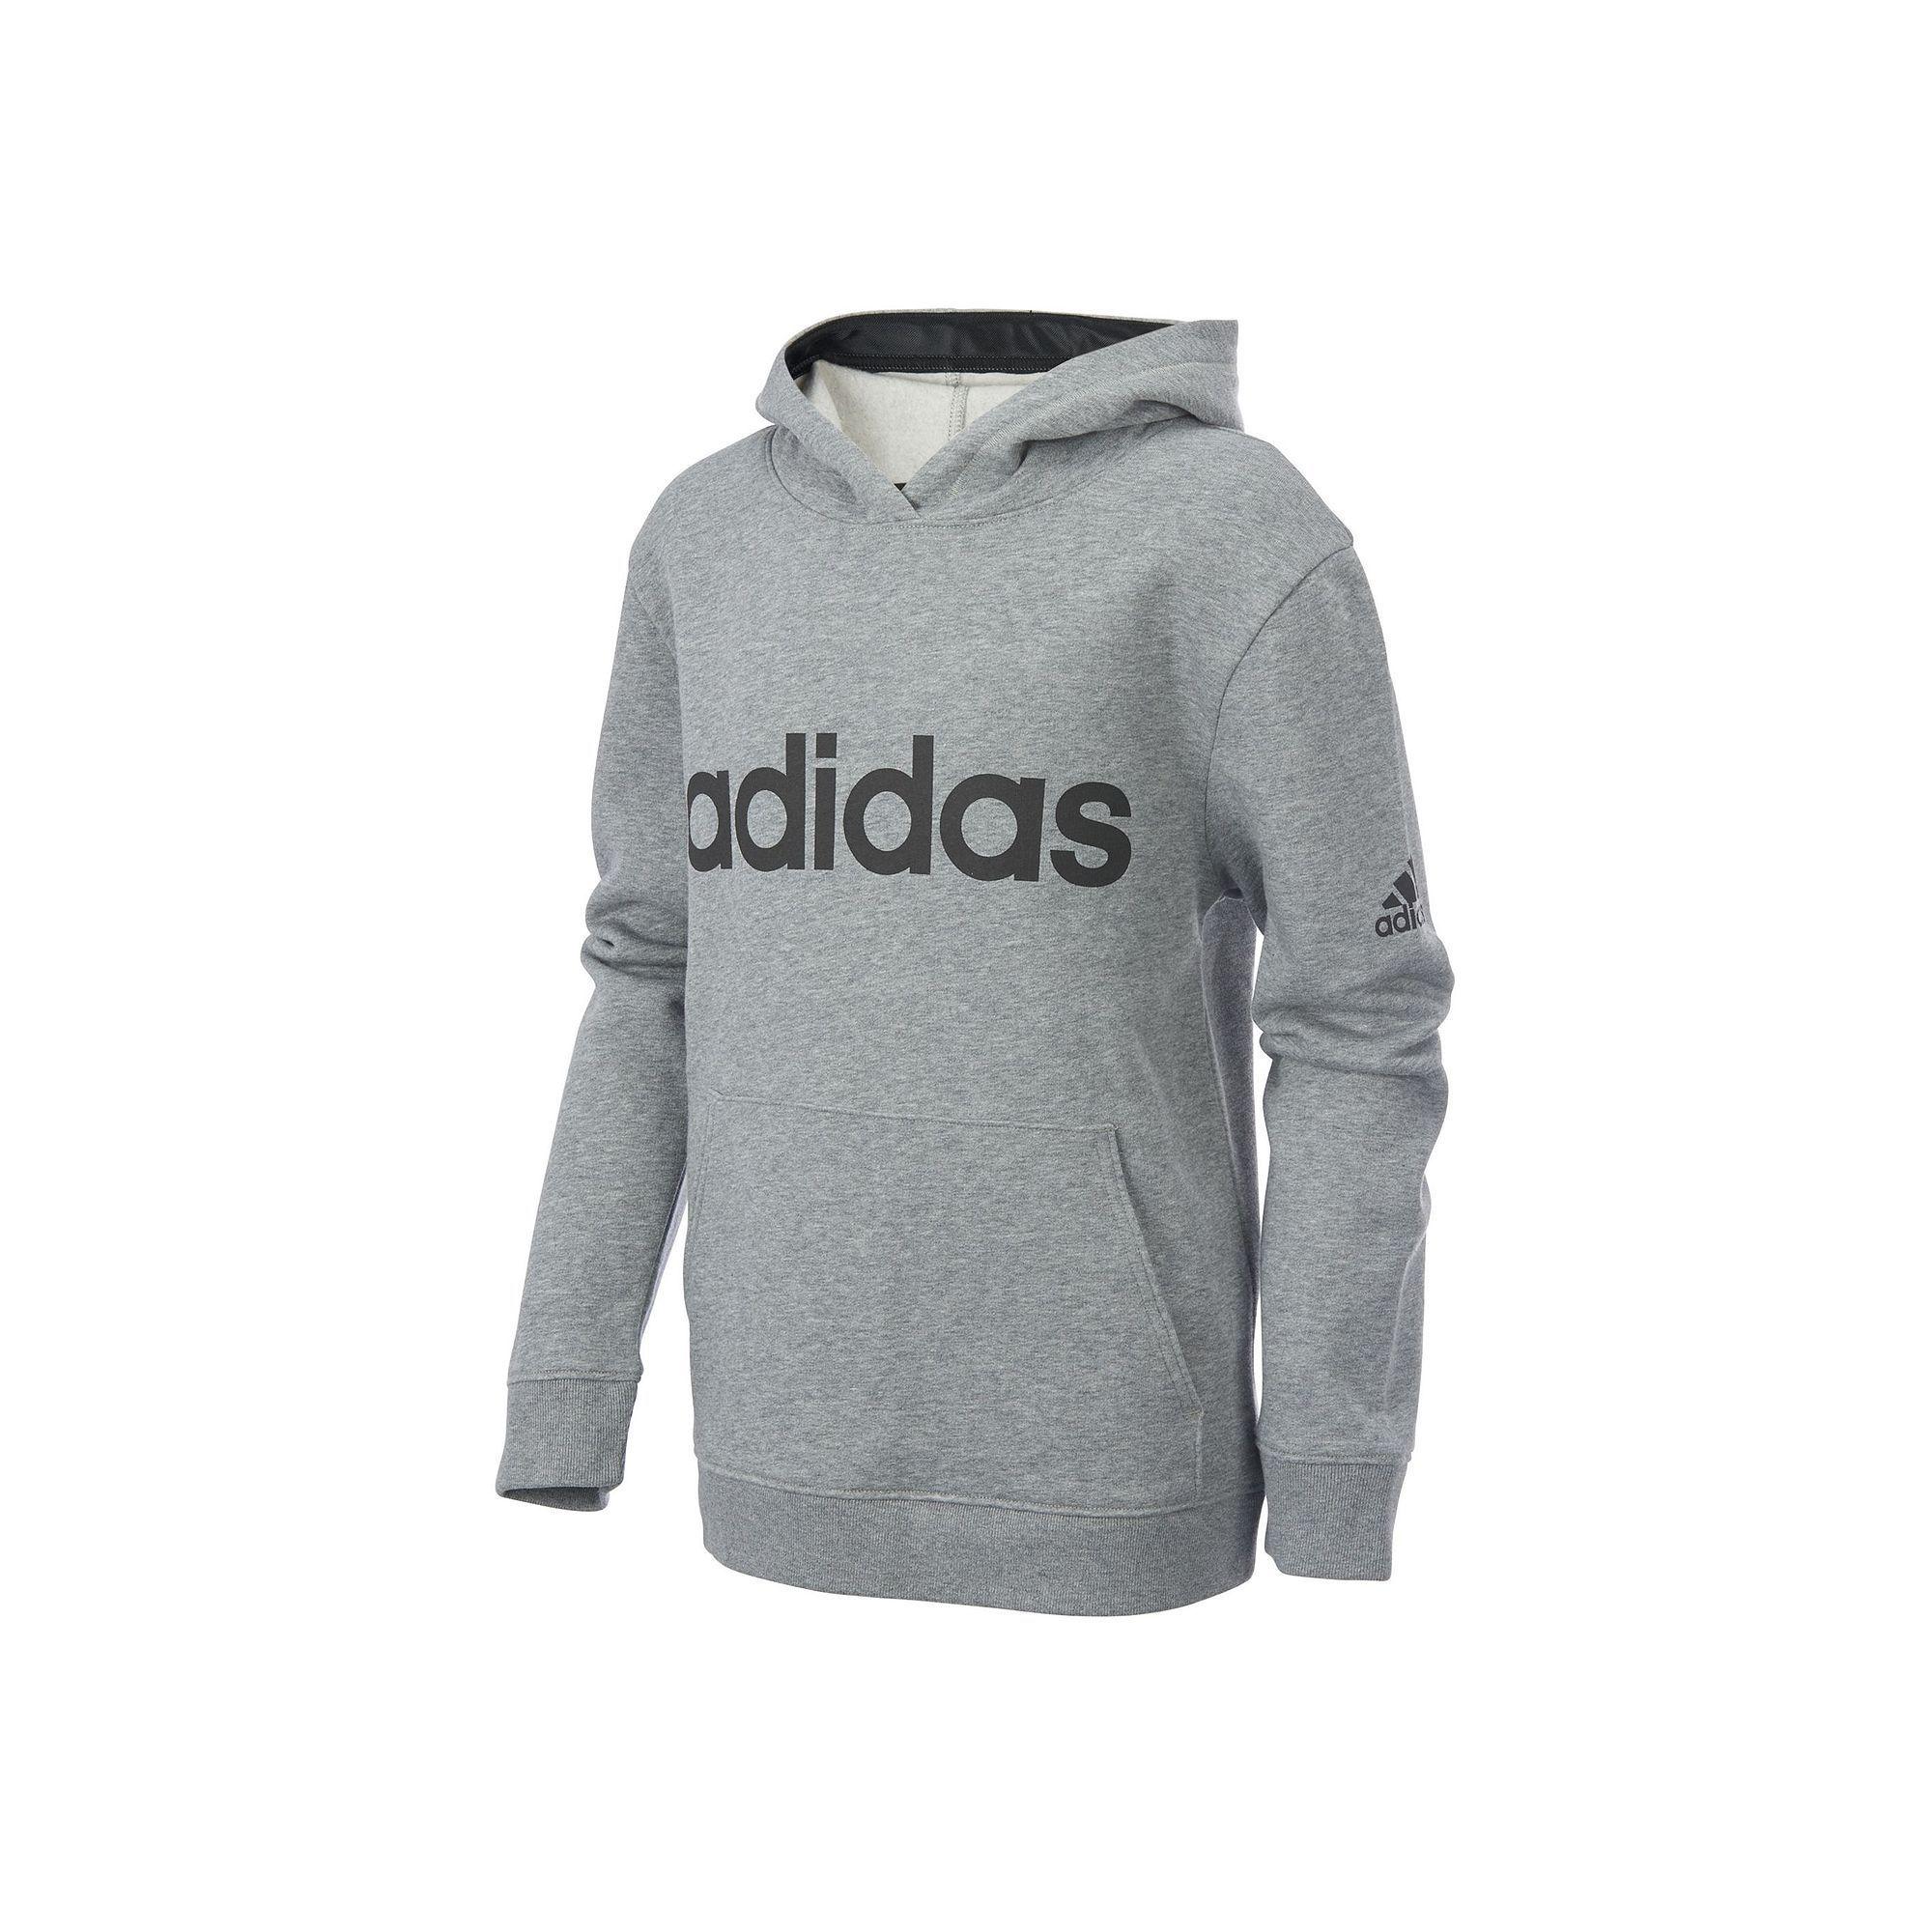 9b96a3913 Boys 8-20 Adidas Athletics Pullover Hoodie, Size: Medium, Dark Grey